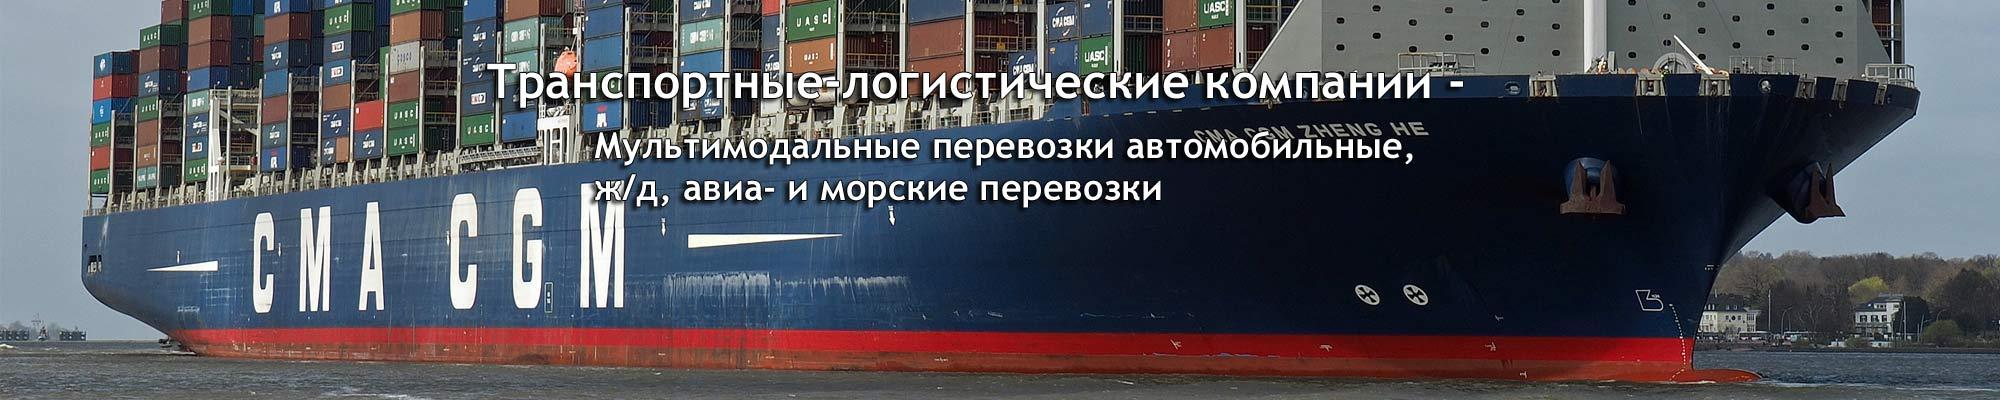 морские перевозки танк контейнерами